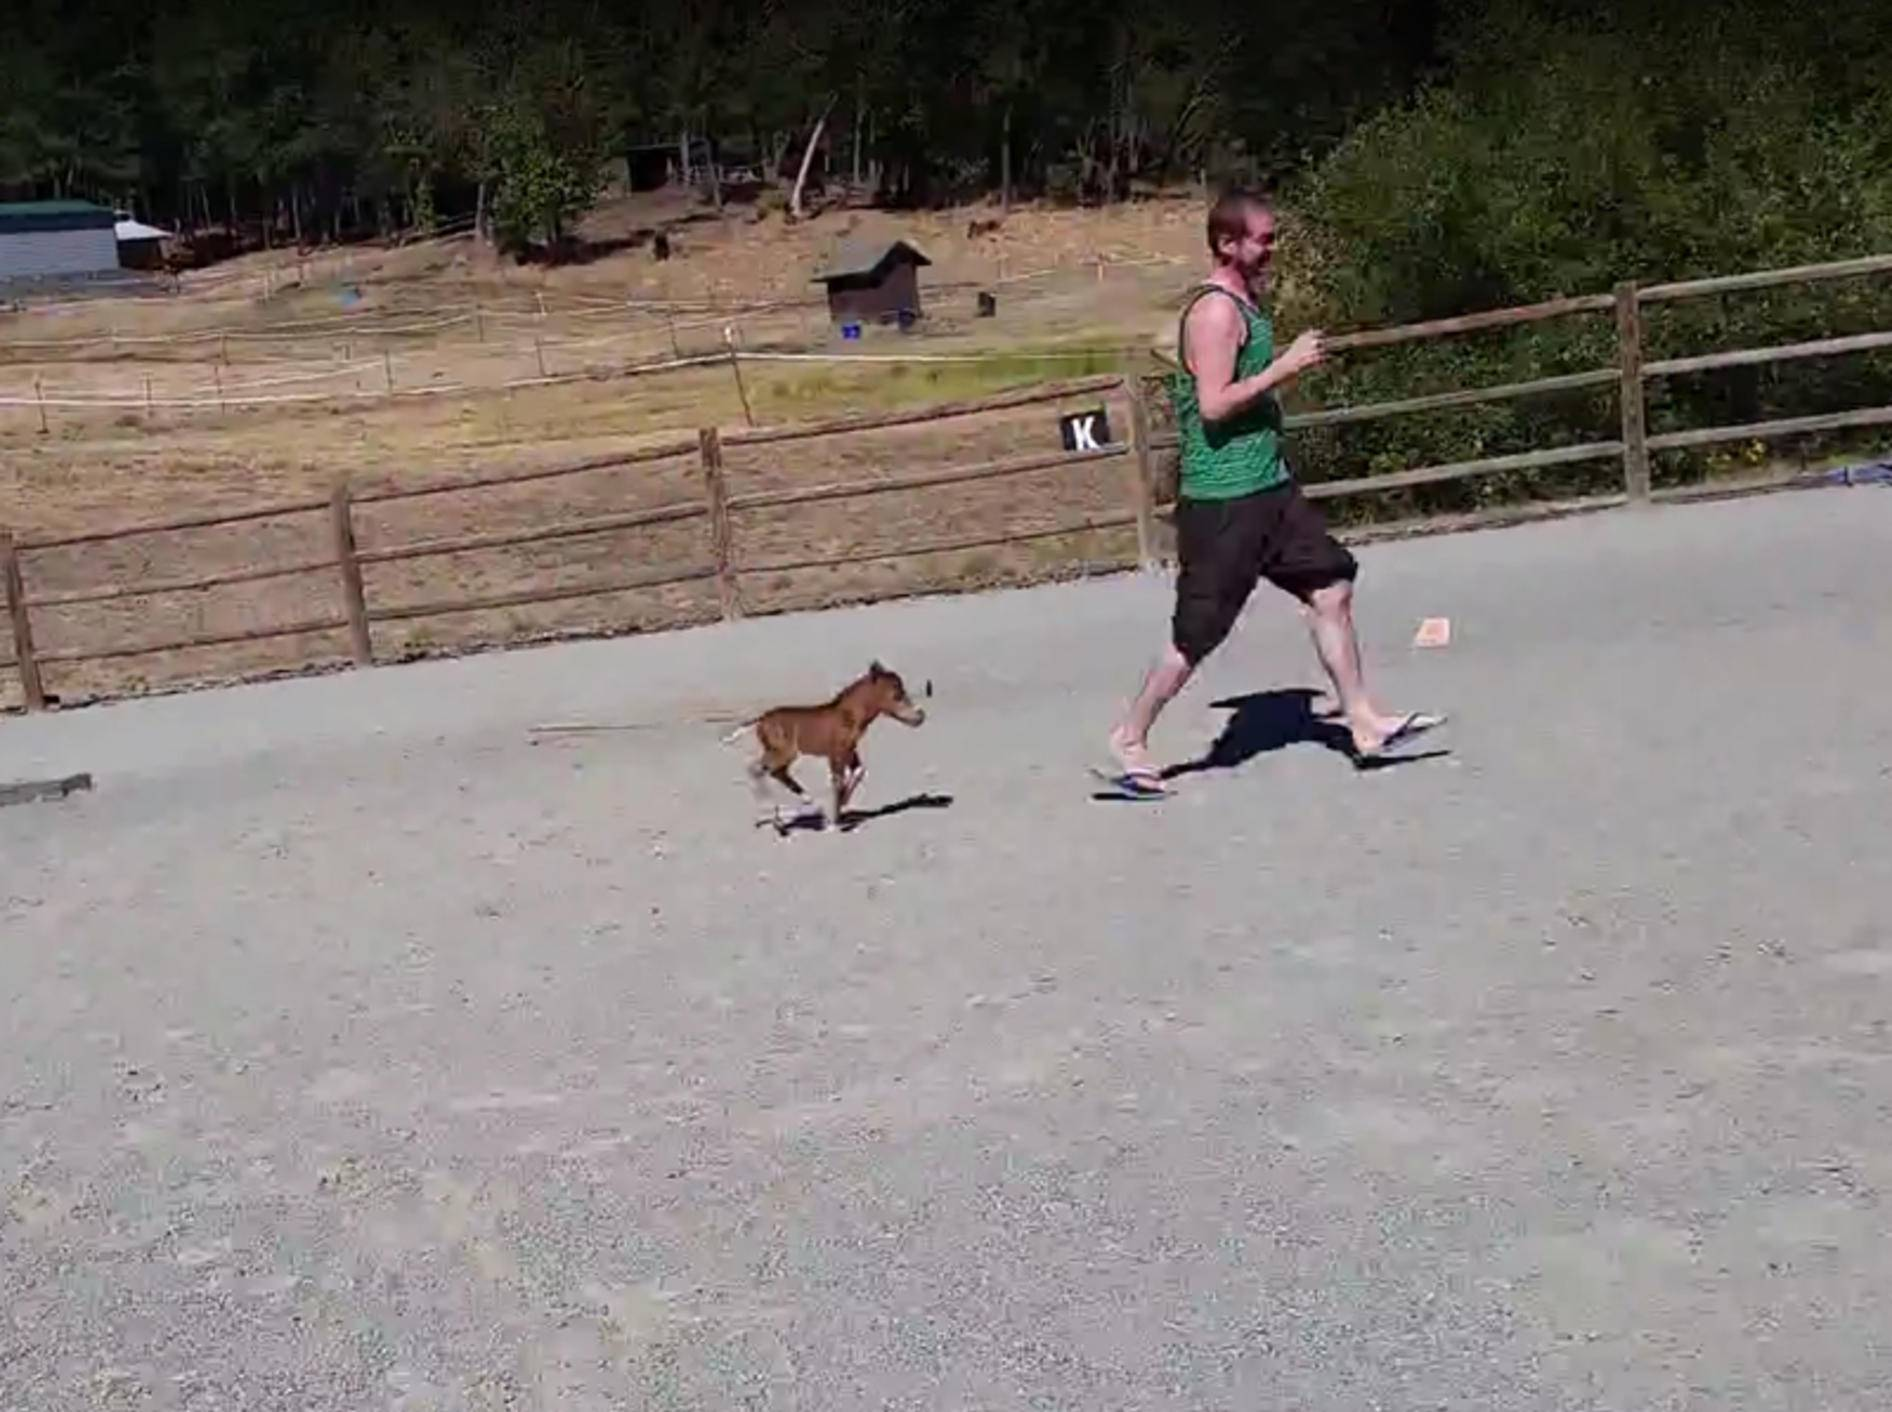 Das winzige Fohlen versucht, den Mann zu fangen – YouTube / Sterling Bartow